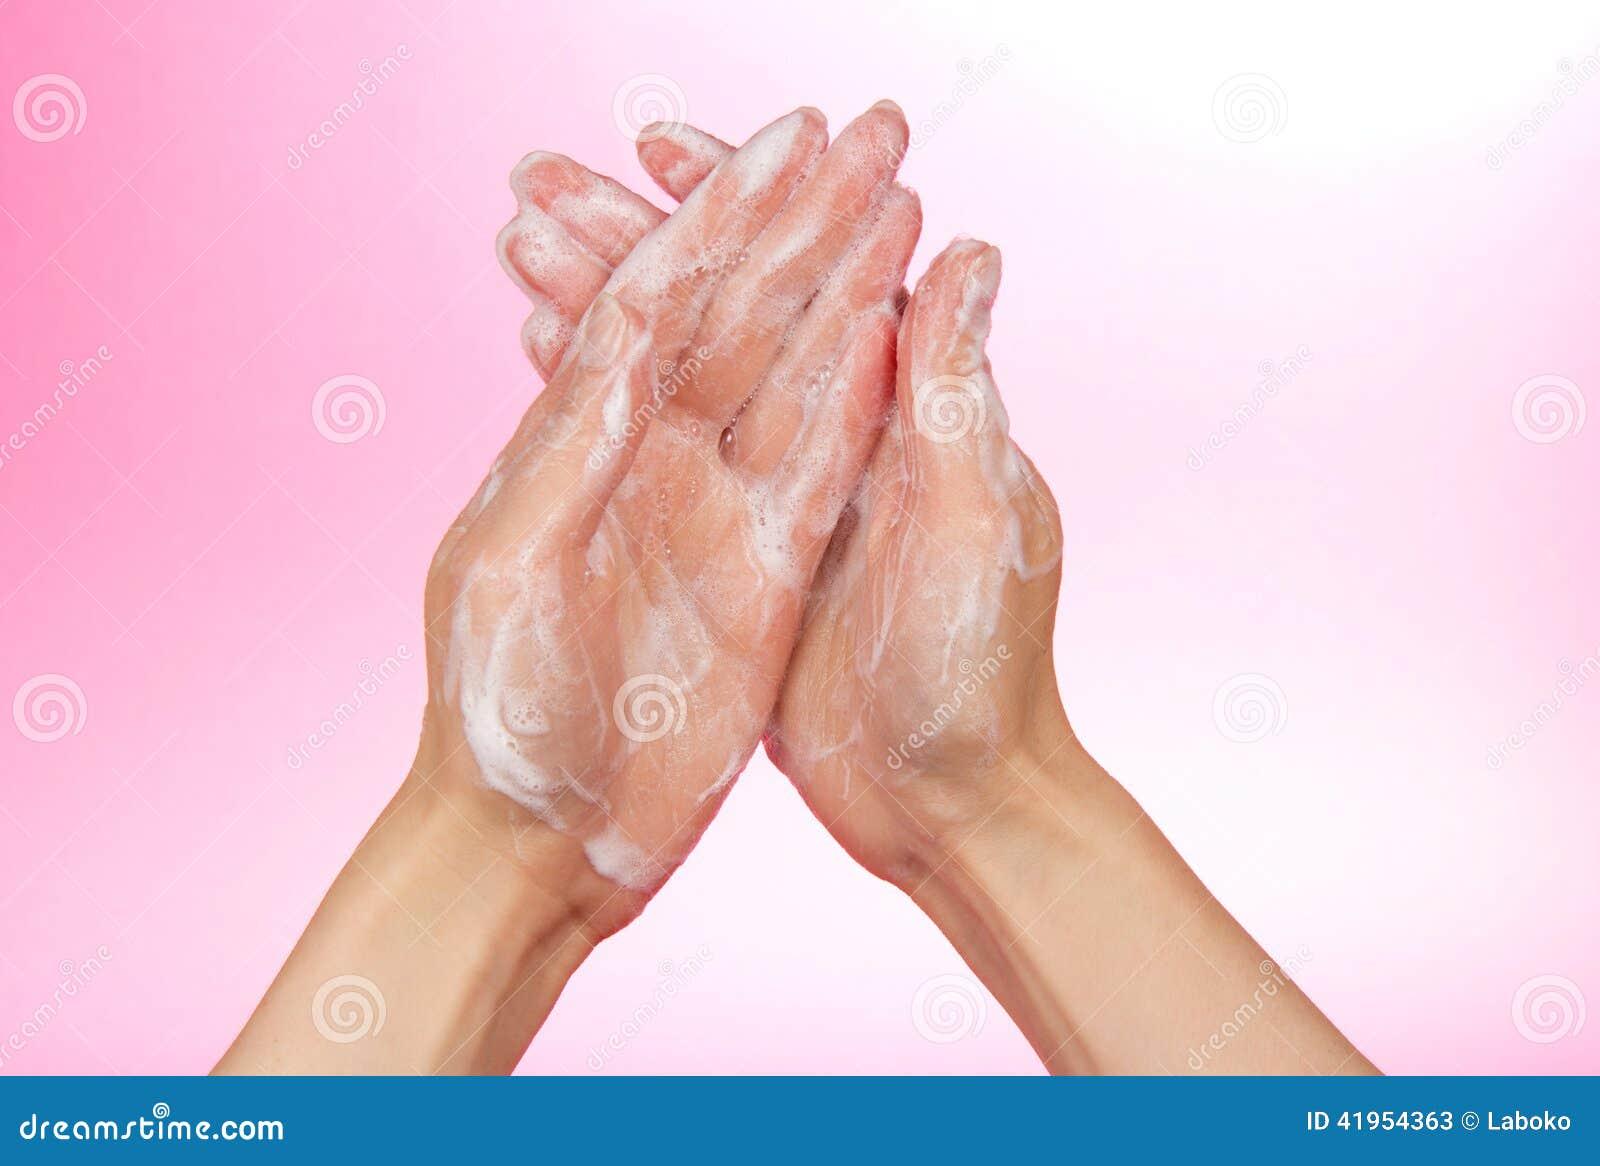 Piana mydło na żeńskich rękach